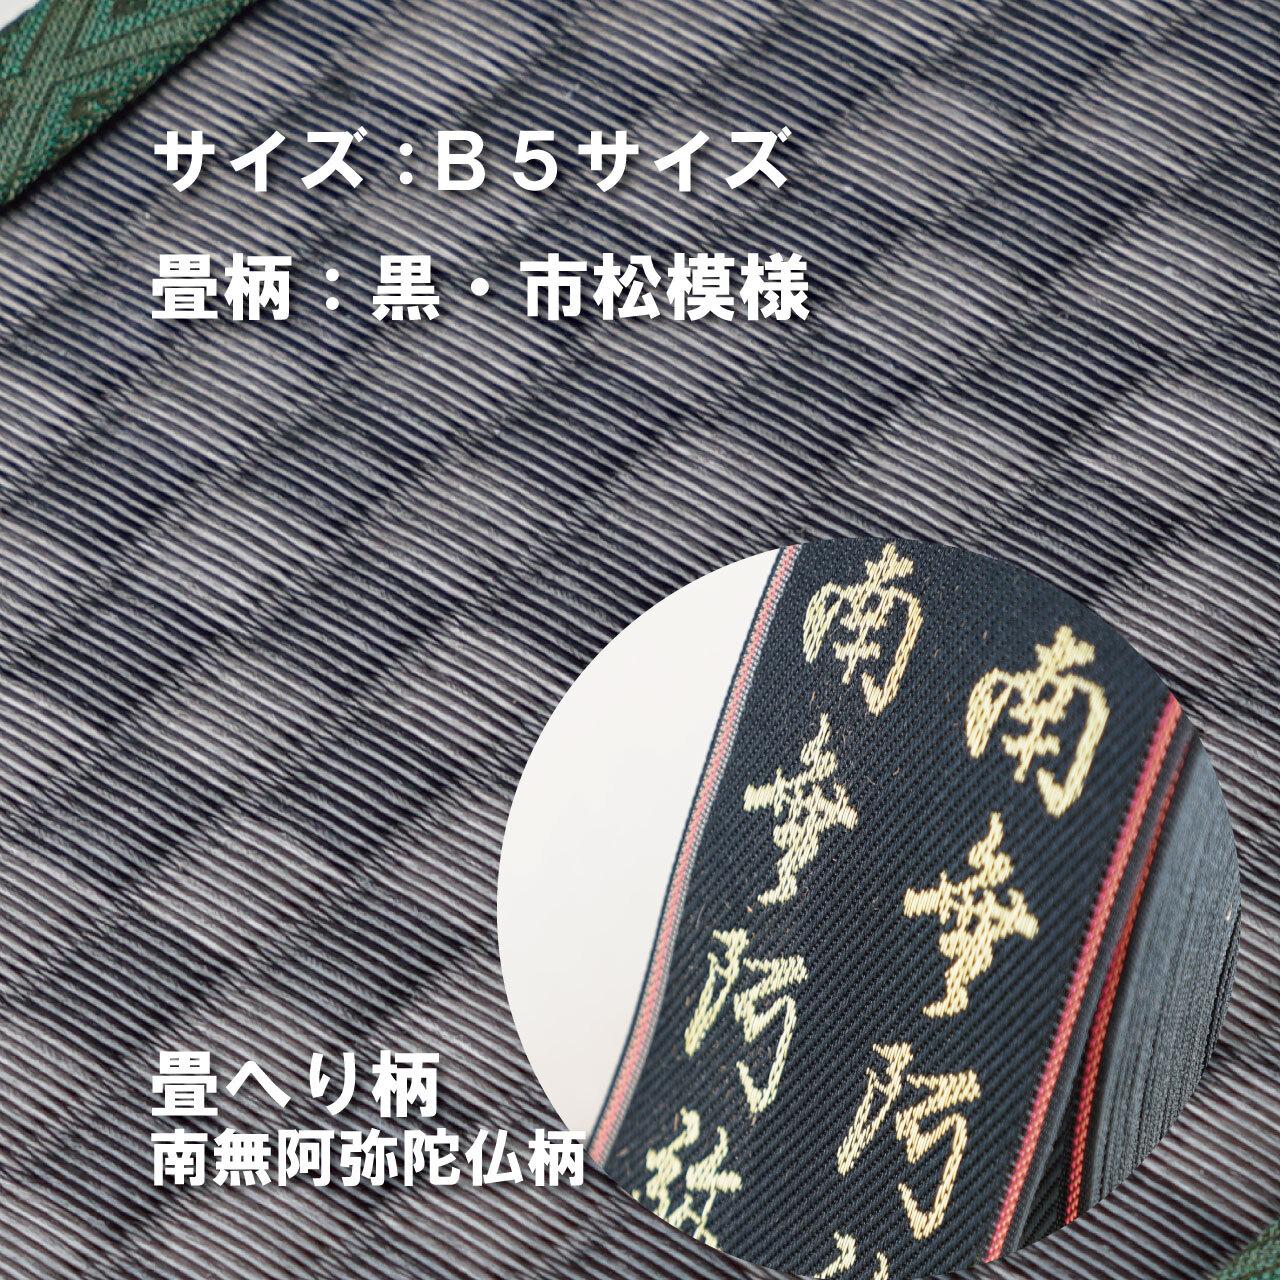 ミニ畳台 フィギア台や小物置きに♪ B5サイズ 畳:黒市松 縁の柄:南無阿弥陀仏柄 B5BM008